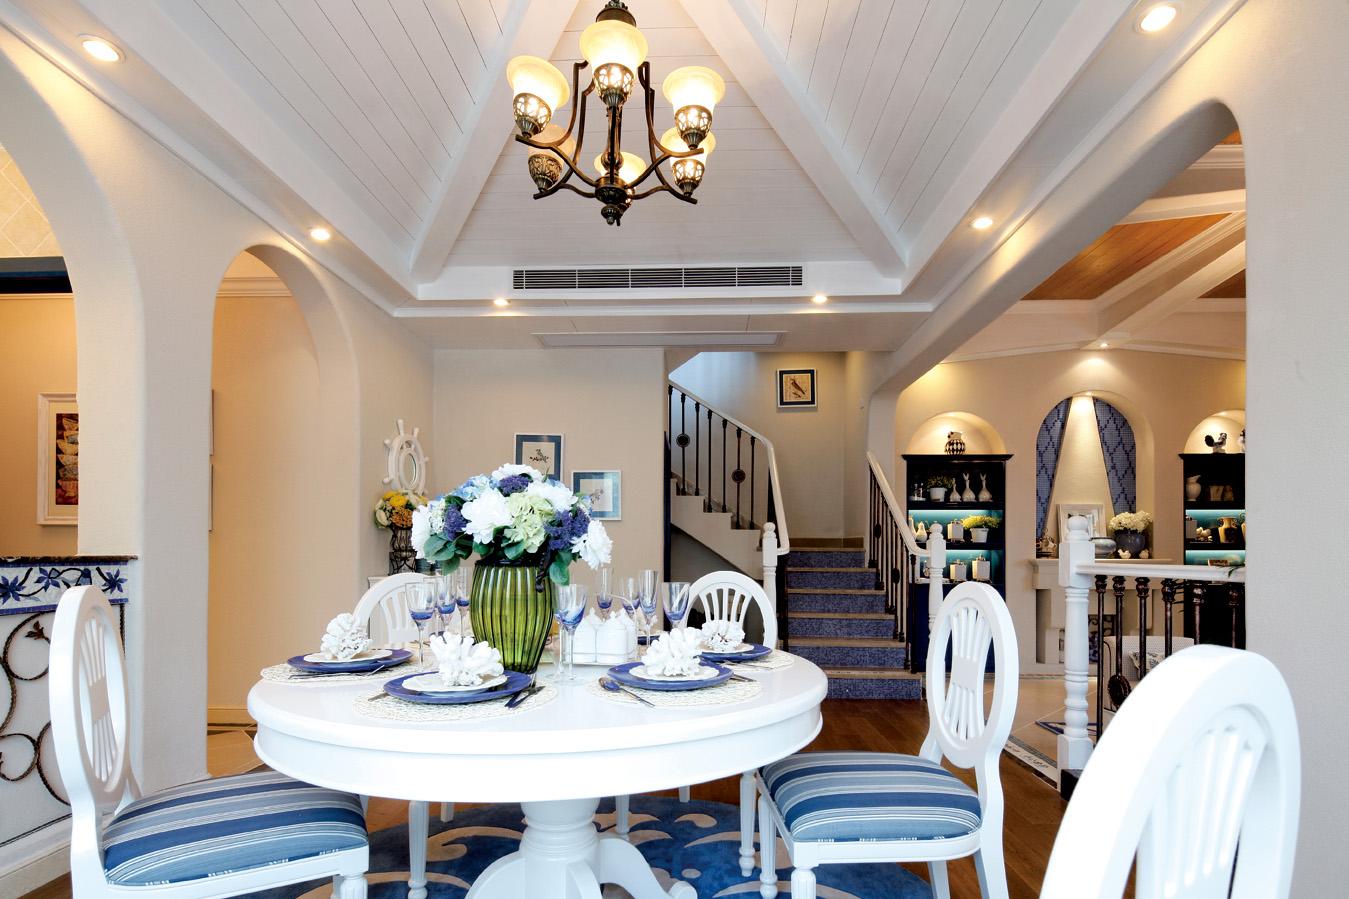 别墅 旧房改造 地中海风格 loft装修 餐厅图片来自元洲装饰木子在地中海风格装修设计的分享